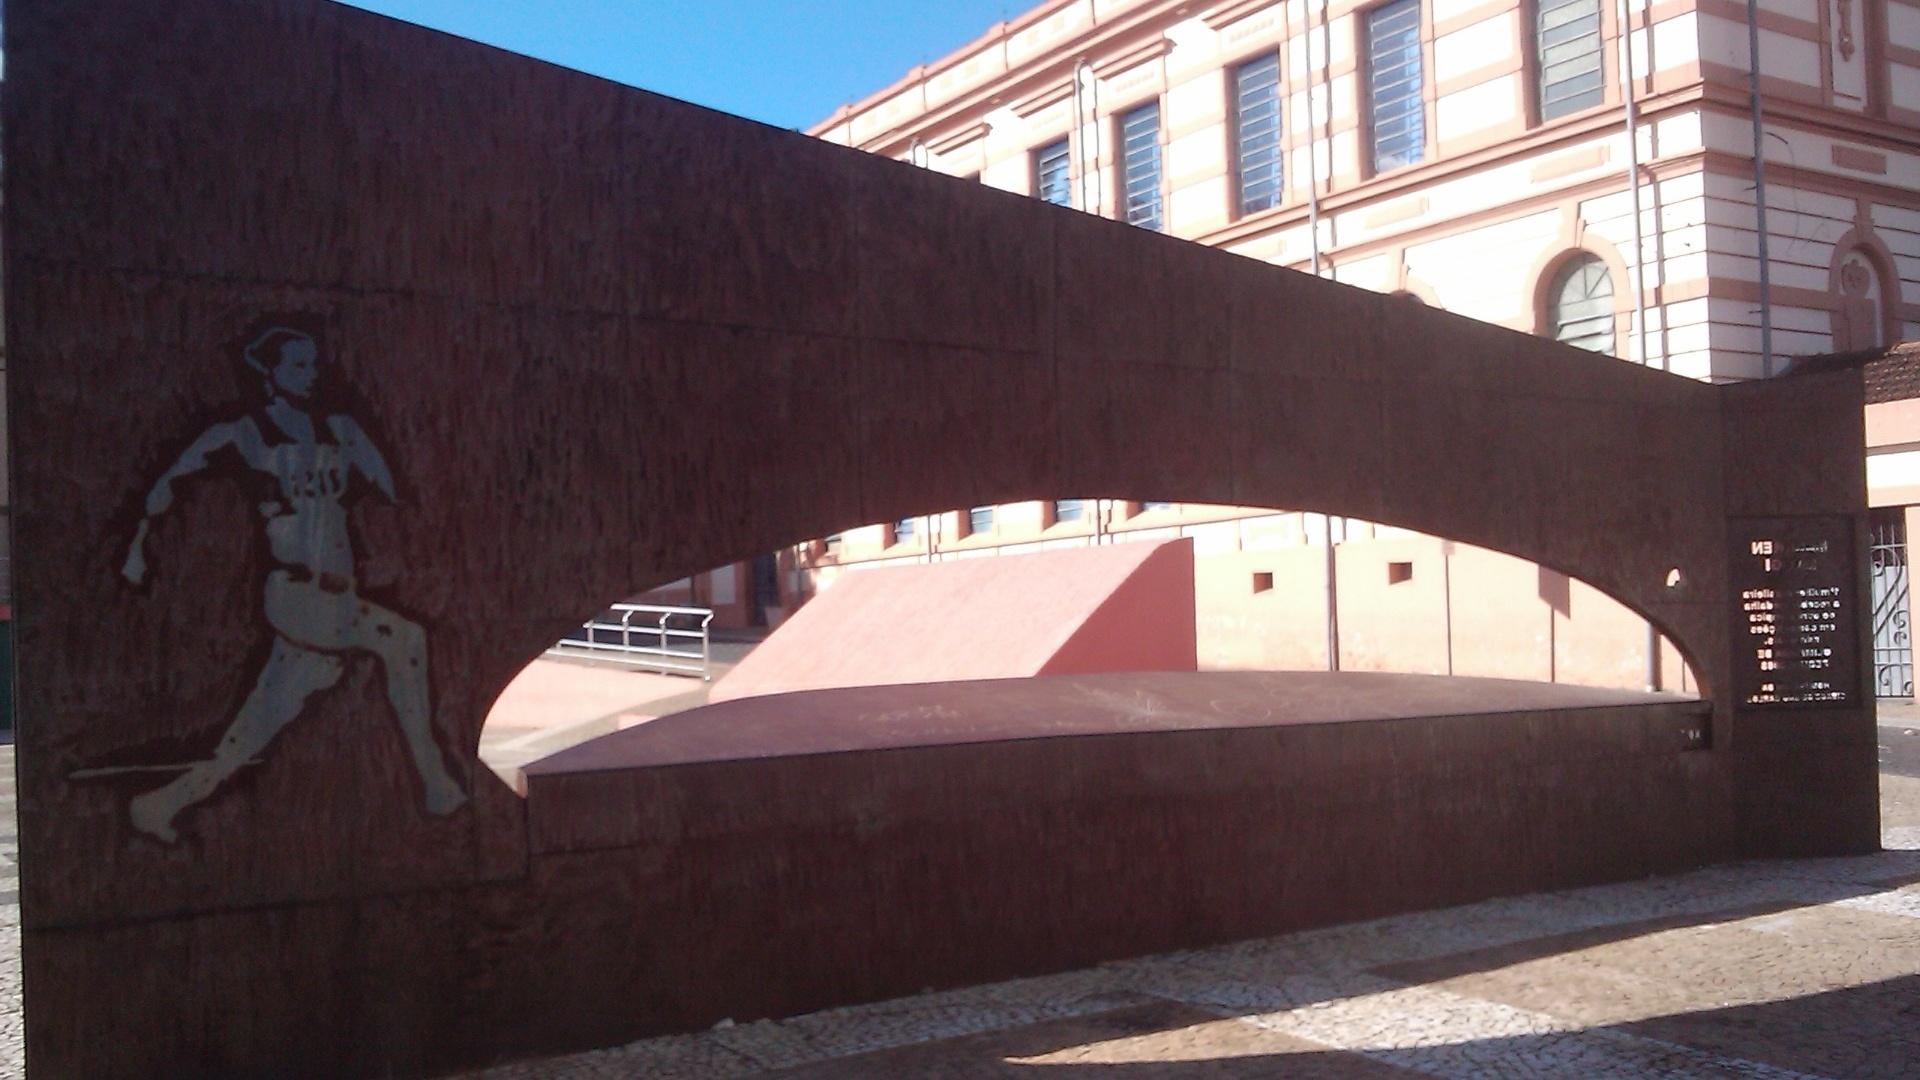 Vista geral do monumento feito para Maurren Maggi em São Carlos, que projeta no chão a distância saltada por ela em Pequim